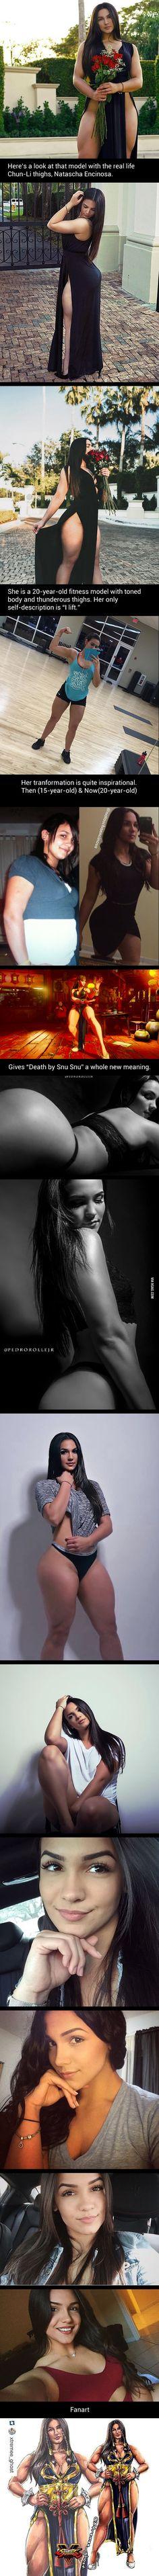 Meet Natascha Encinosa, The Girl With Real Life Chun-Li Thighs